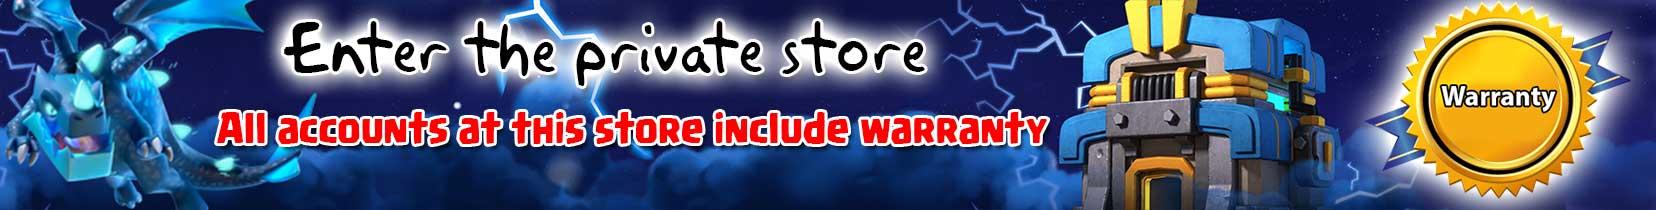 Private Store